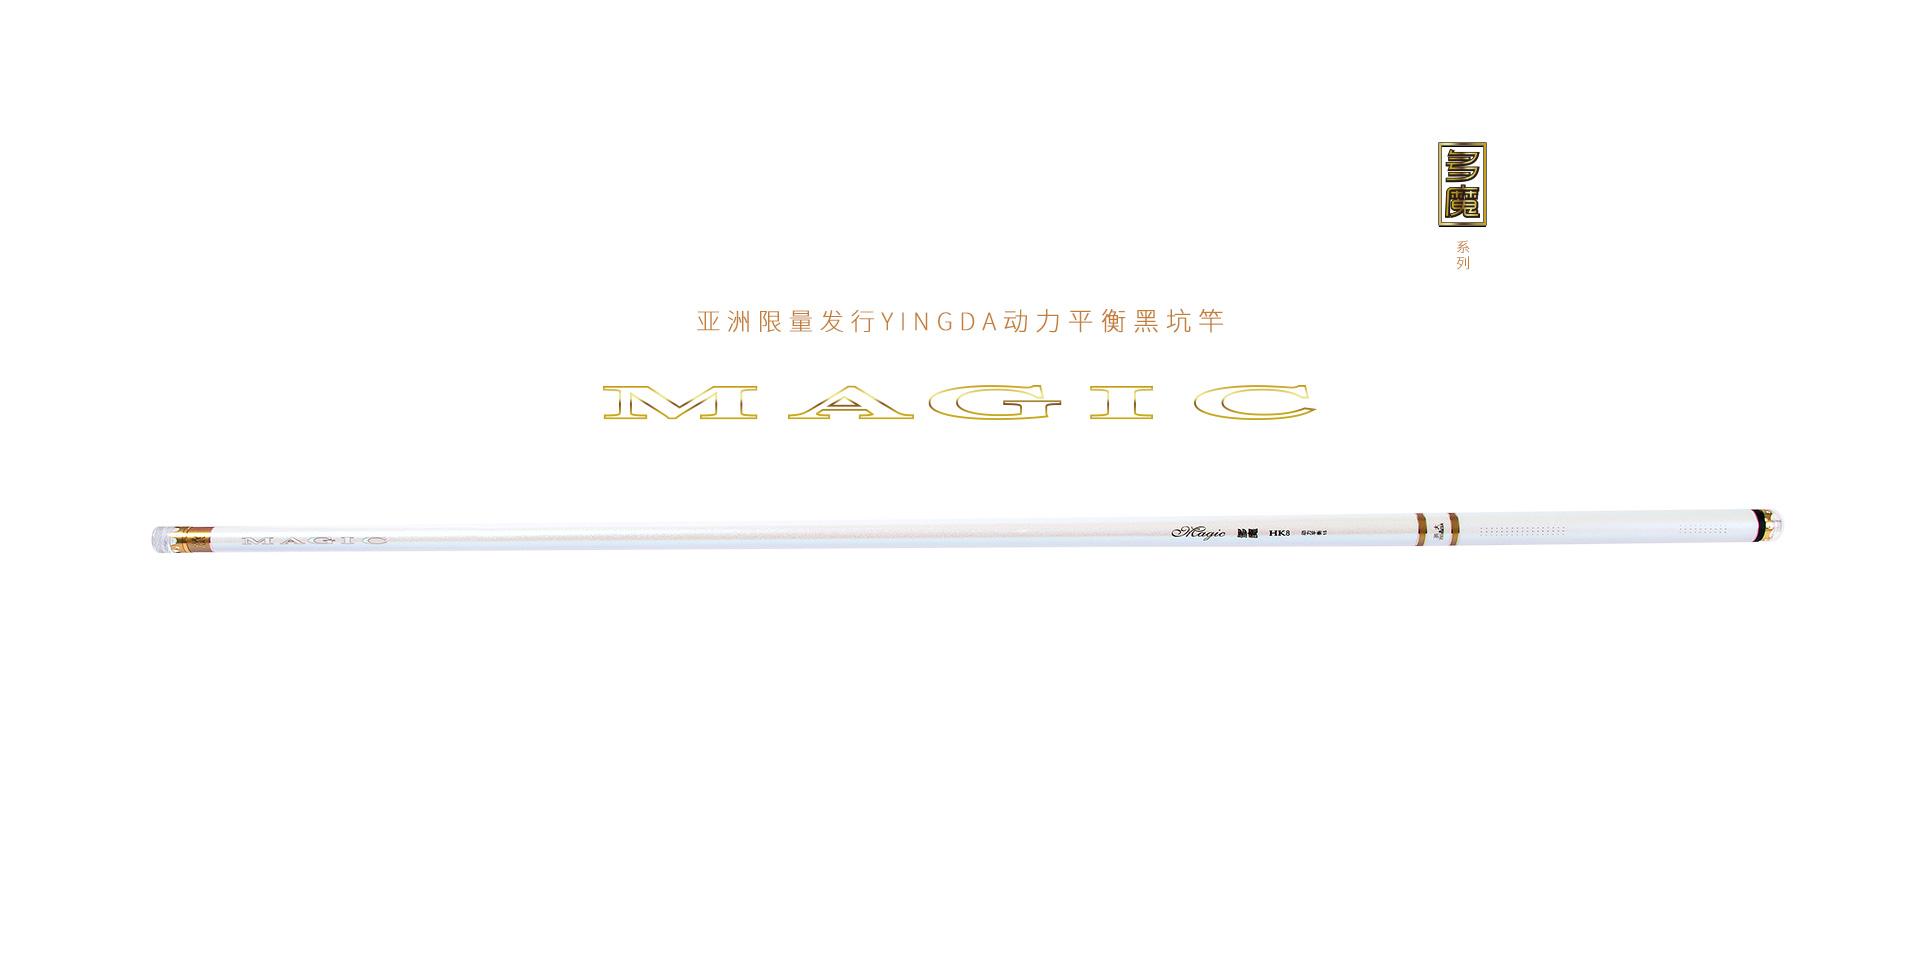 beplay官方下载-beplay全站官网亚洲限量发行YINGDA·MAGIC·动力平衡黑坑系列新品——多魔·HK8,品质型动力平衡黑坑竿